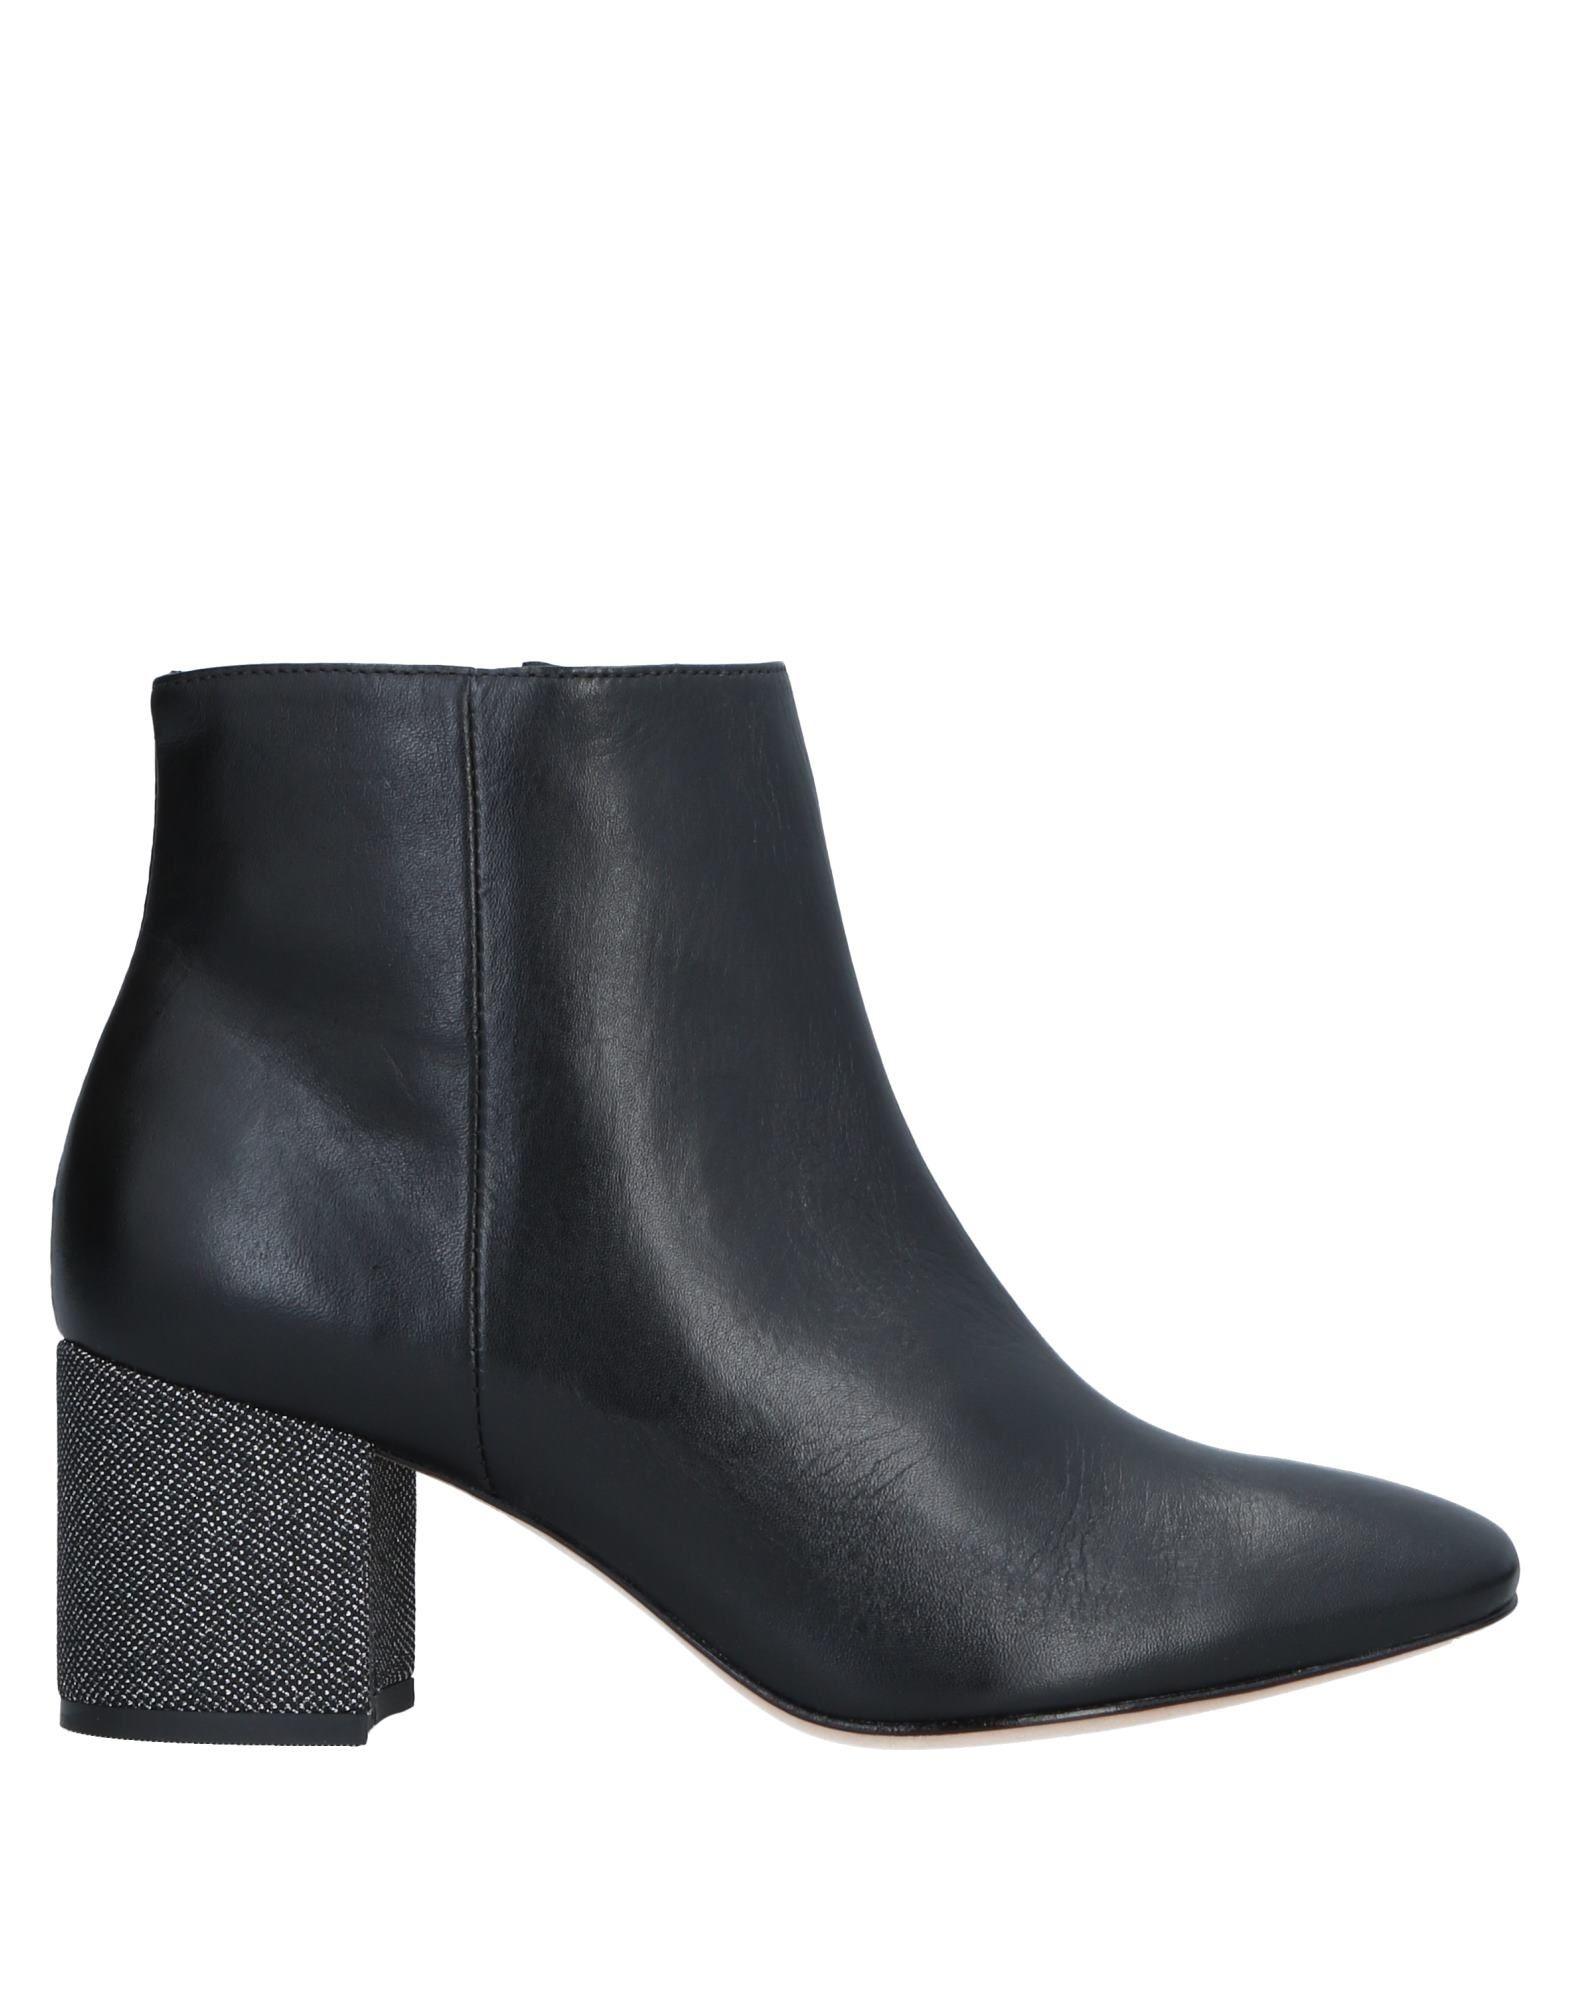 Panella Stiefelette Damen  beliebte 11526678NB Gute Qualität beliebte  Schuhe 158252